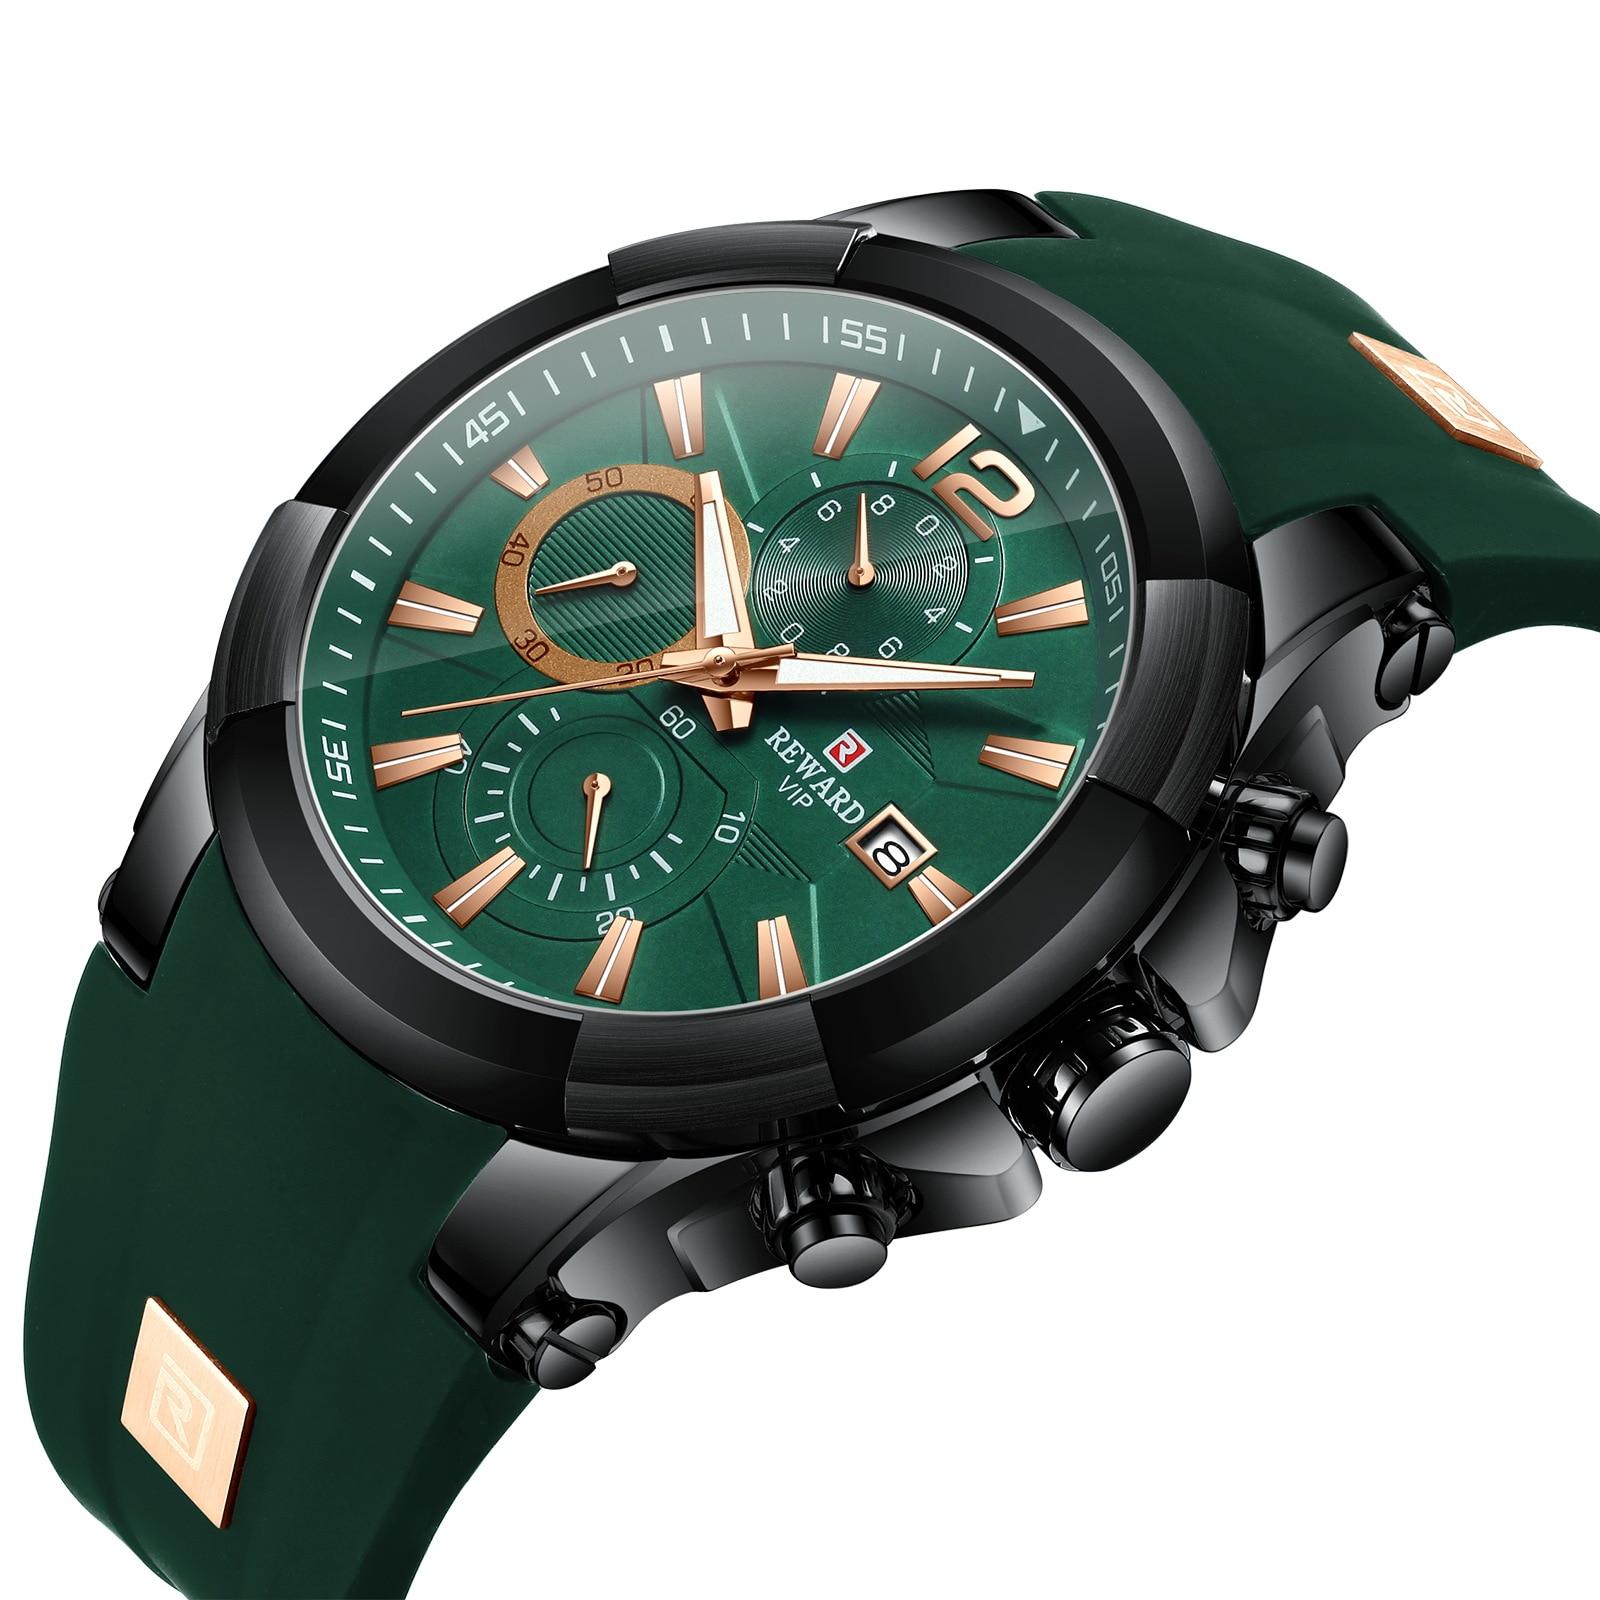 الرجال العلامة التجارية الفاخرة ساعة رياضية الذكور العسكرية ساعة كوارتز التناظرية تاريخ ساعة الصلب مضيئة اليد باتيك ساعة Relojes RD83006M